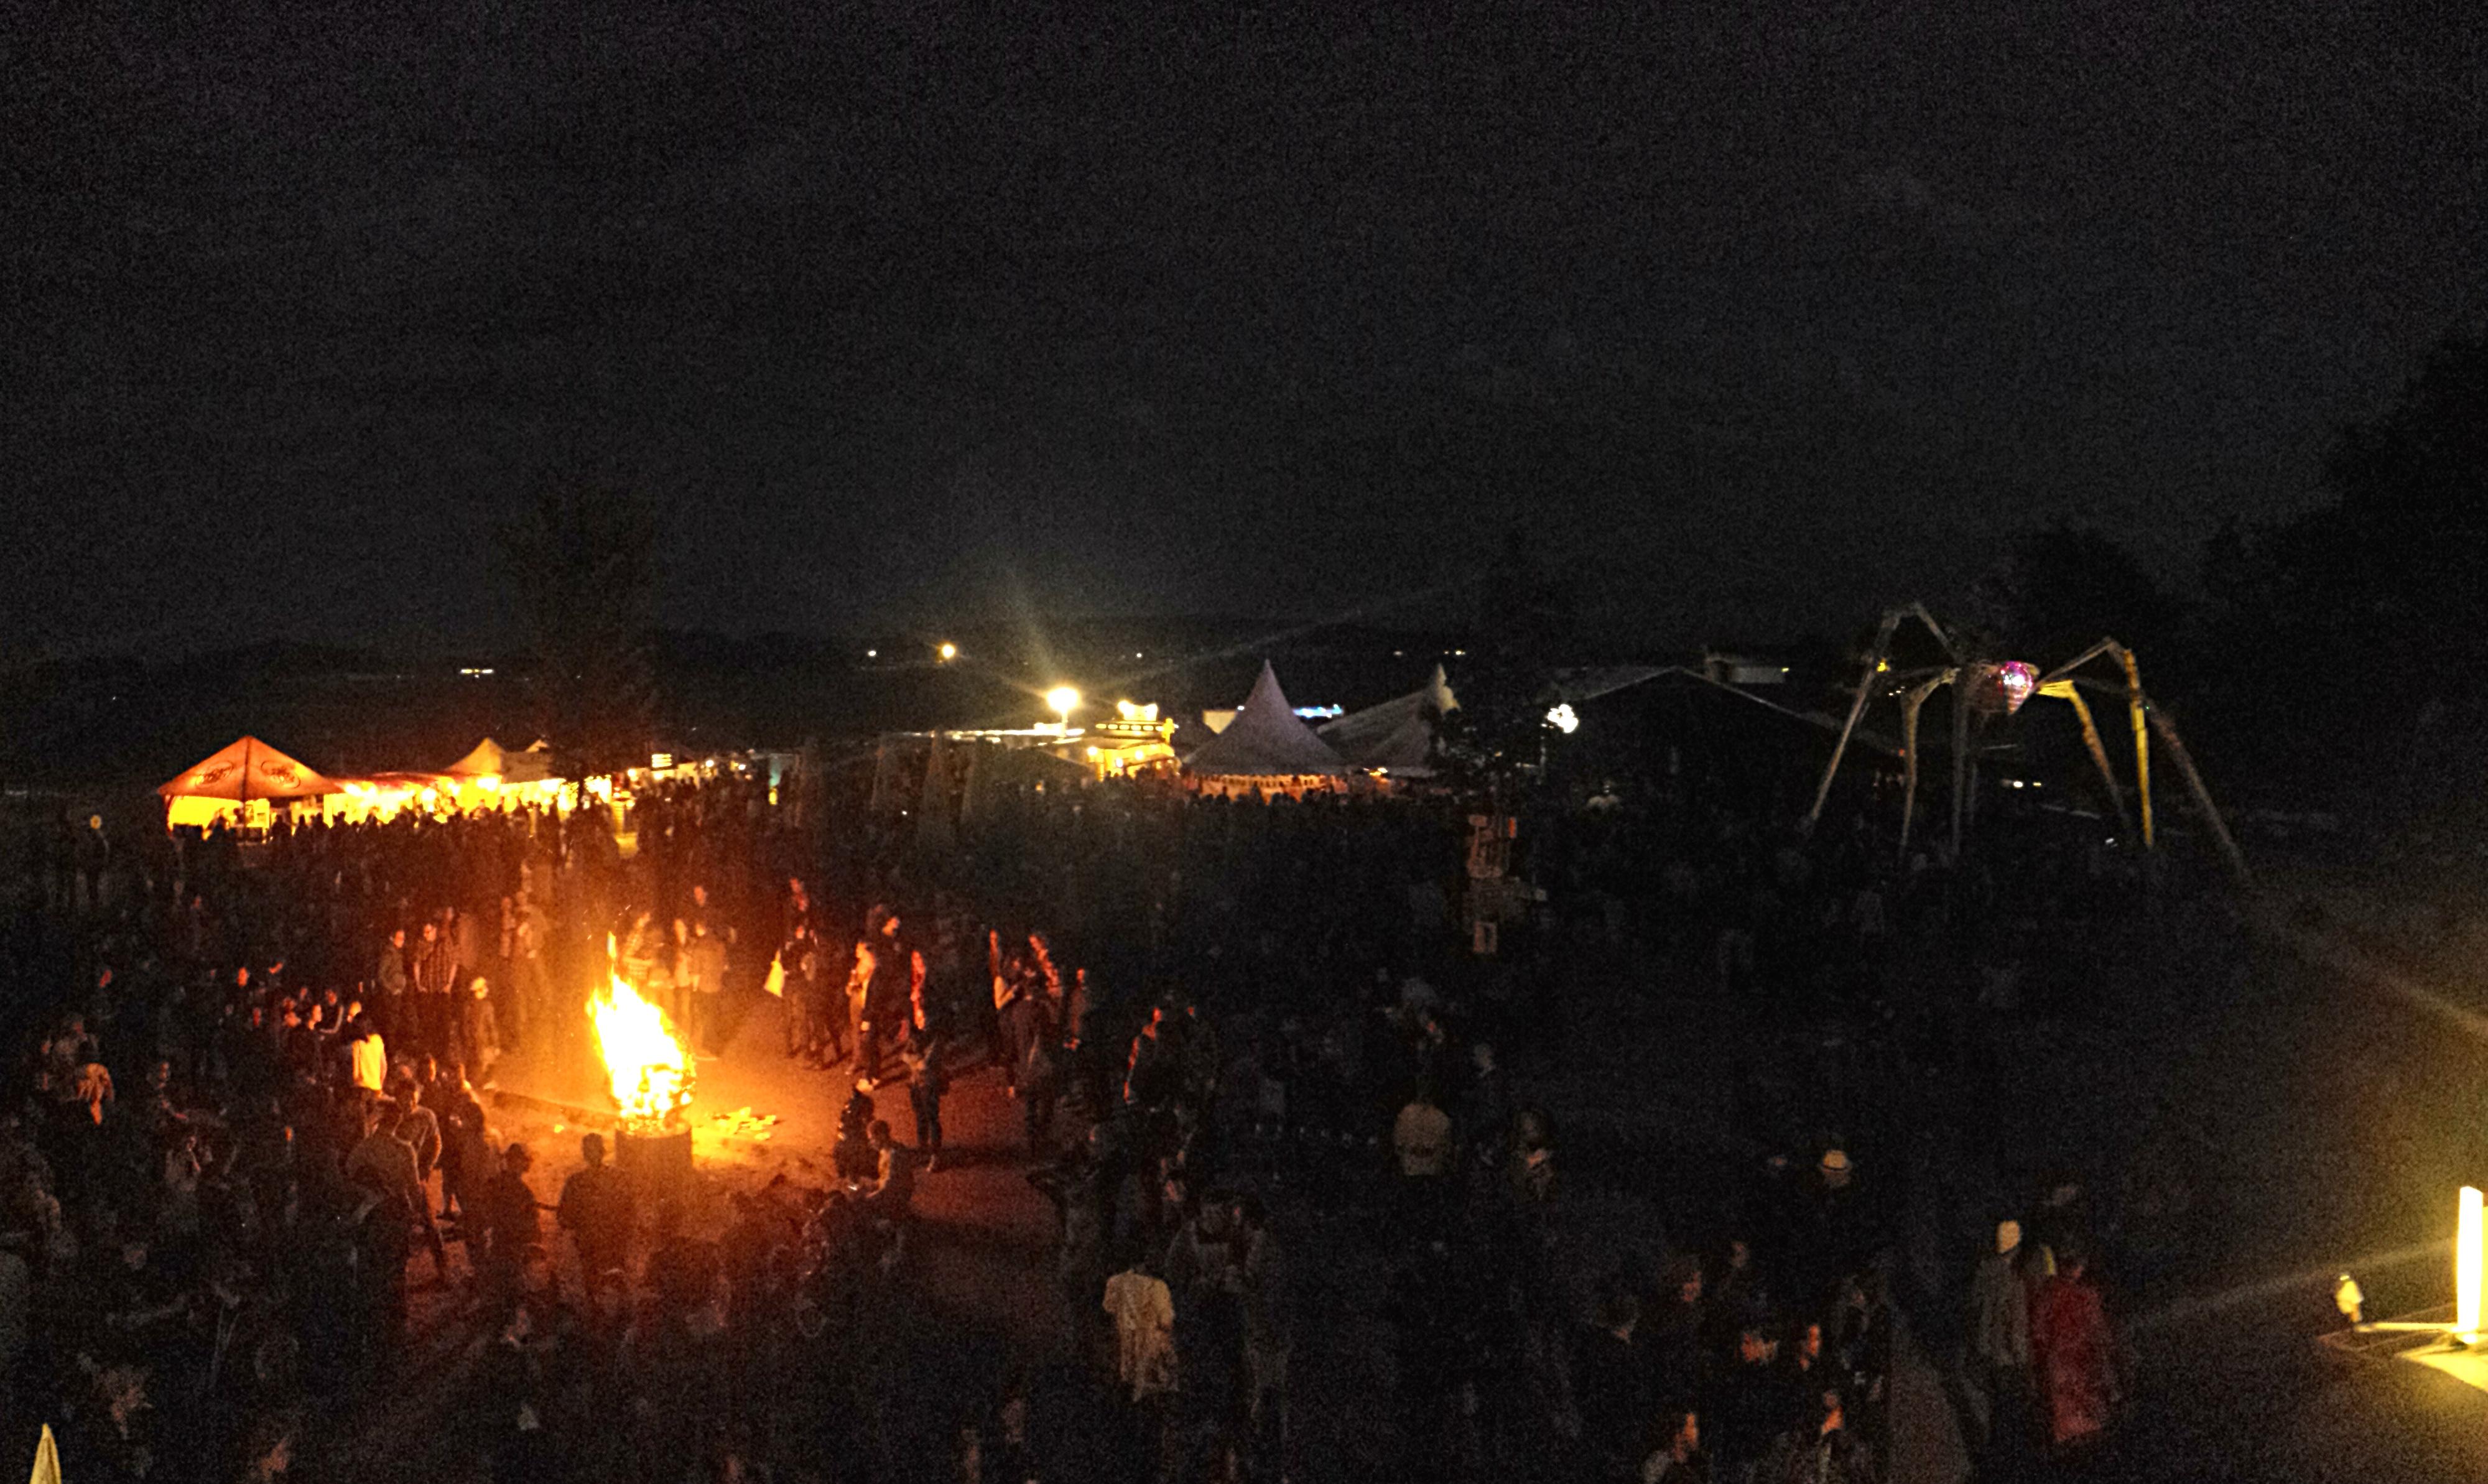 kilbi 2015 festival report_leandro delmastro (1)_angepasst